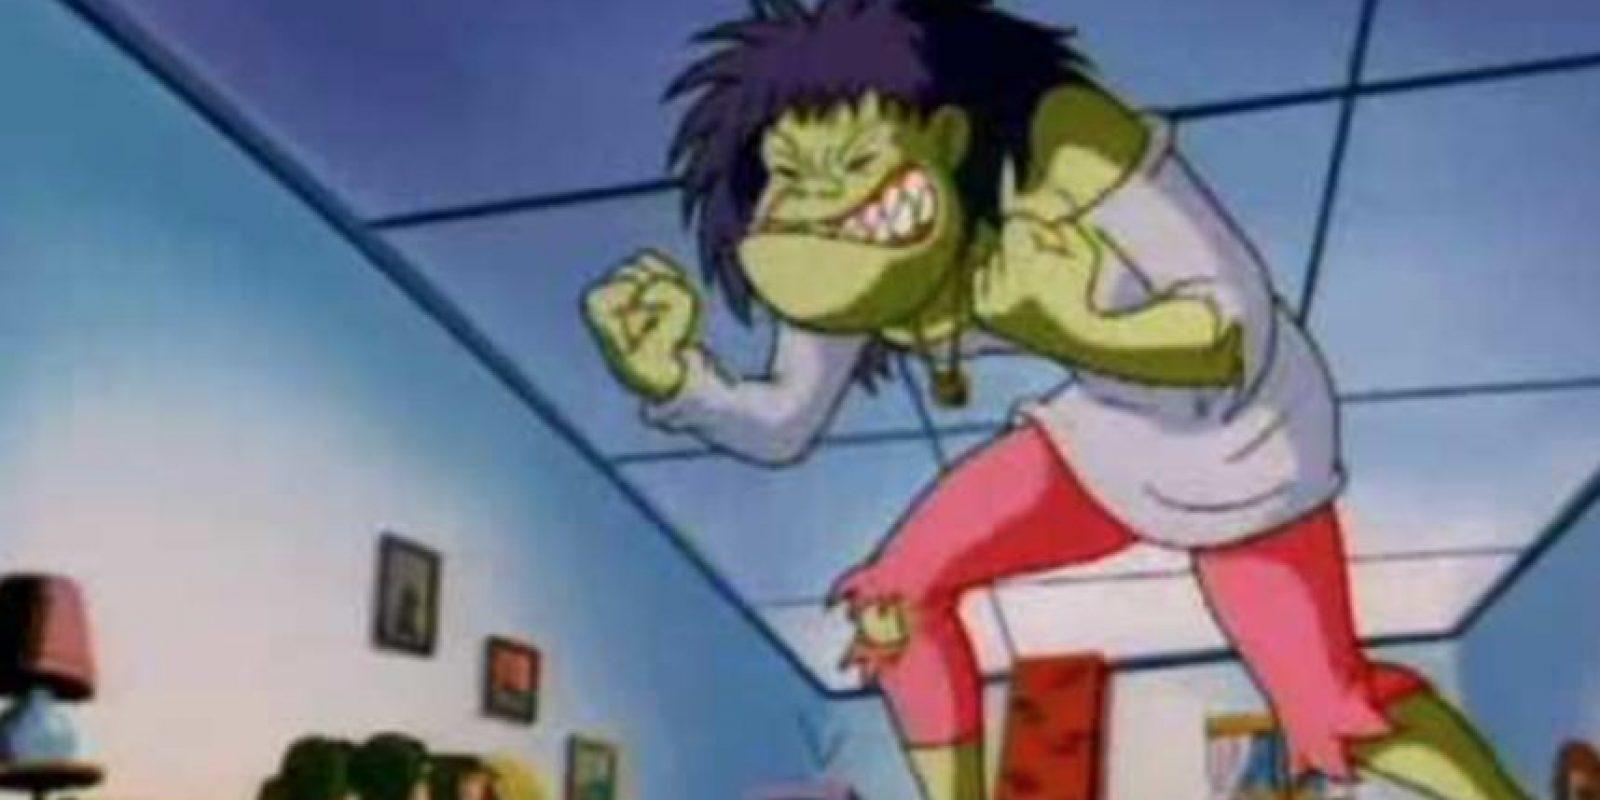 Kathy Ka Boom, la adolescente que se convertía en un monstruo por sus arranques de ira. Foto:vía Warner